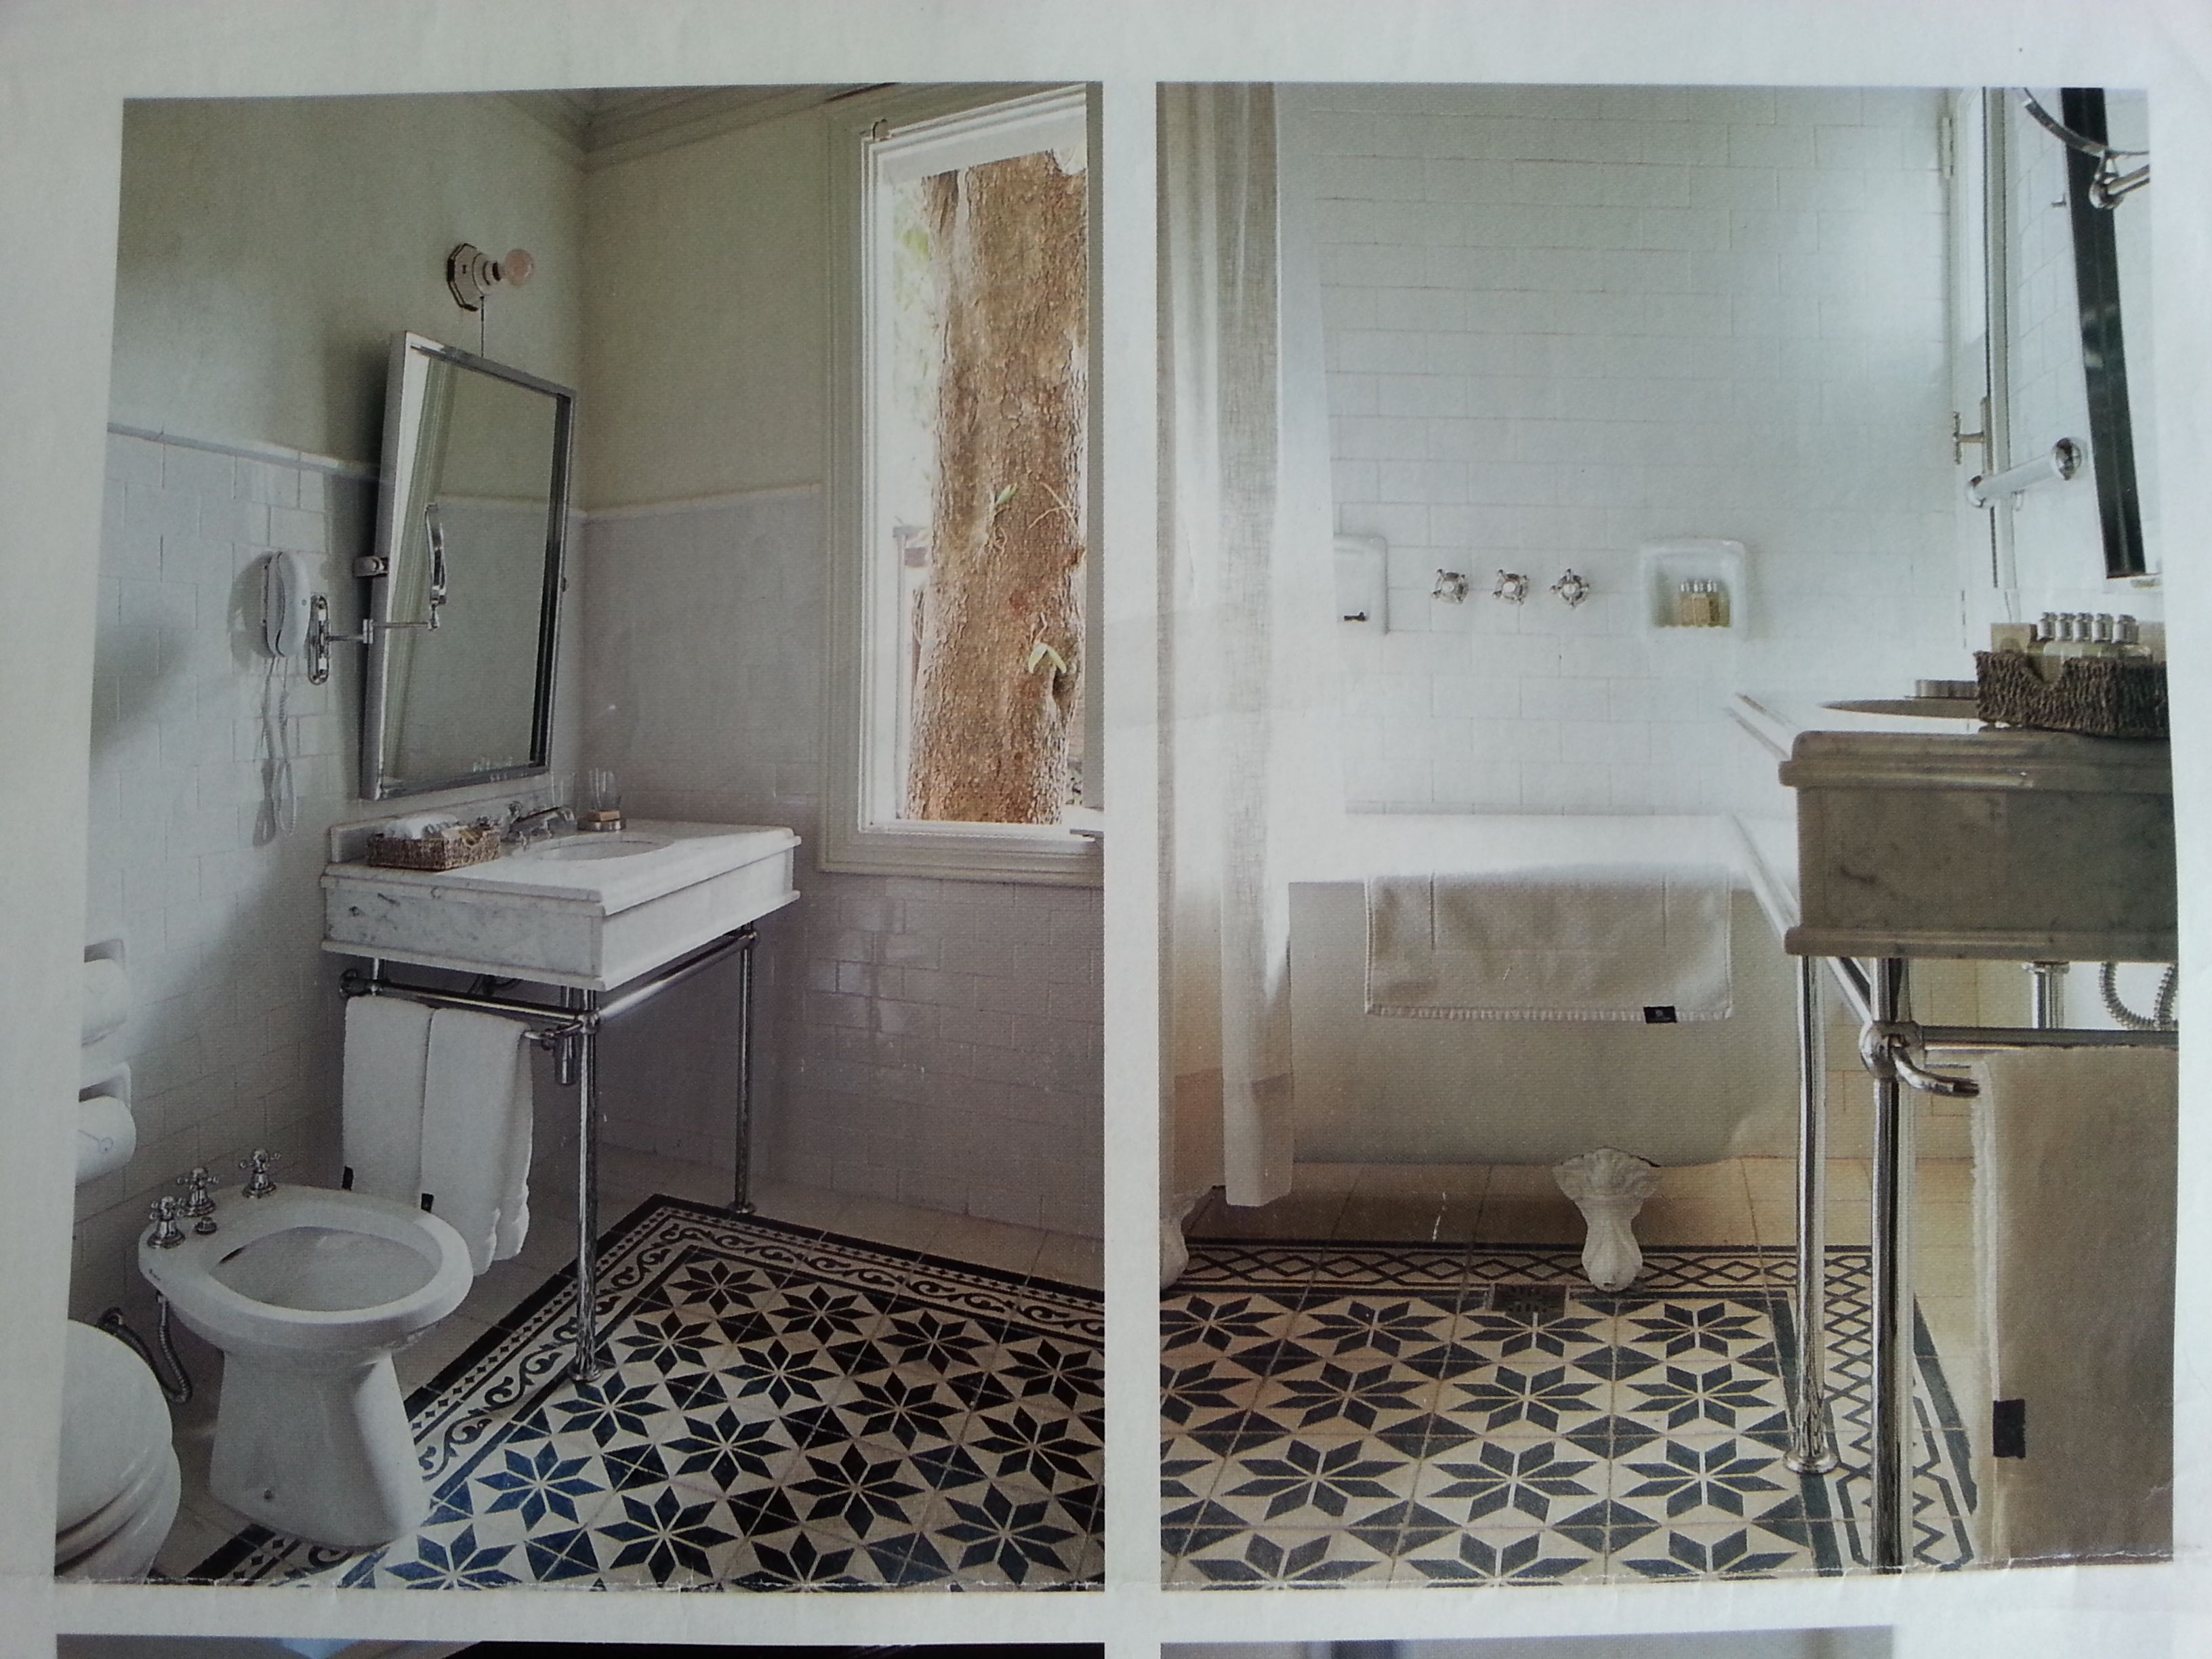 Mosaicos calcareos en ba os ba o pinterest mosaicos - Mosaicos para banos ...